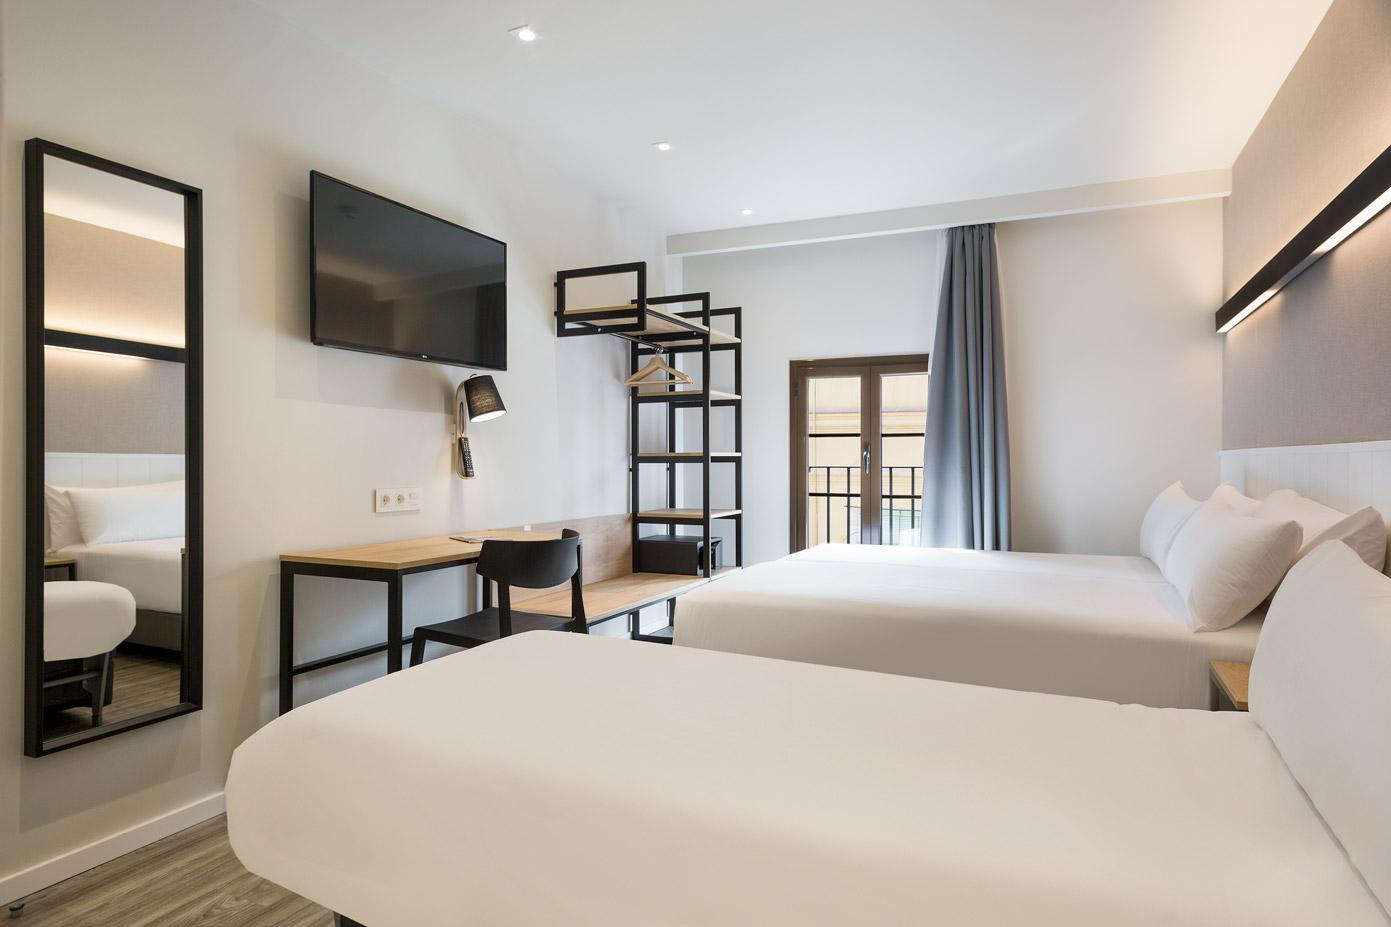 hotel_acta_bcn40_triple_04